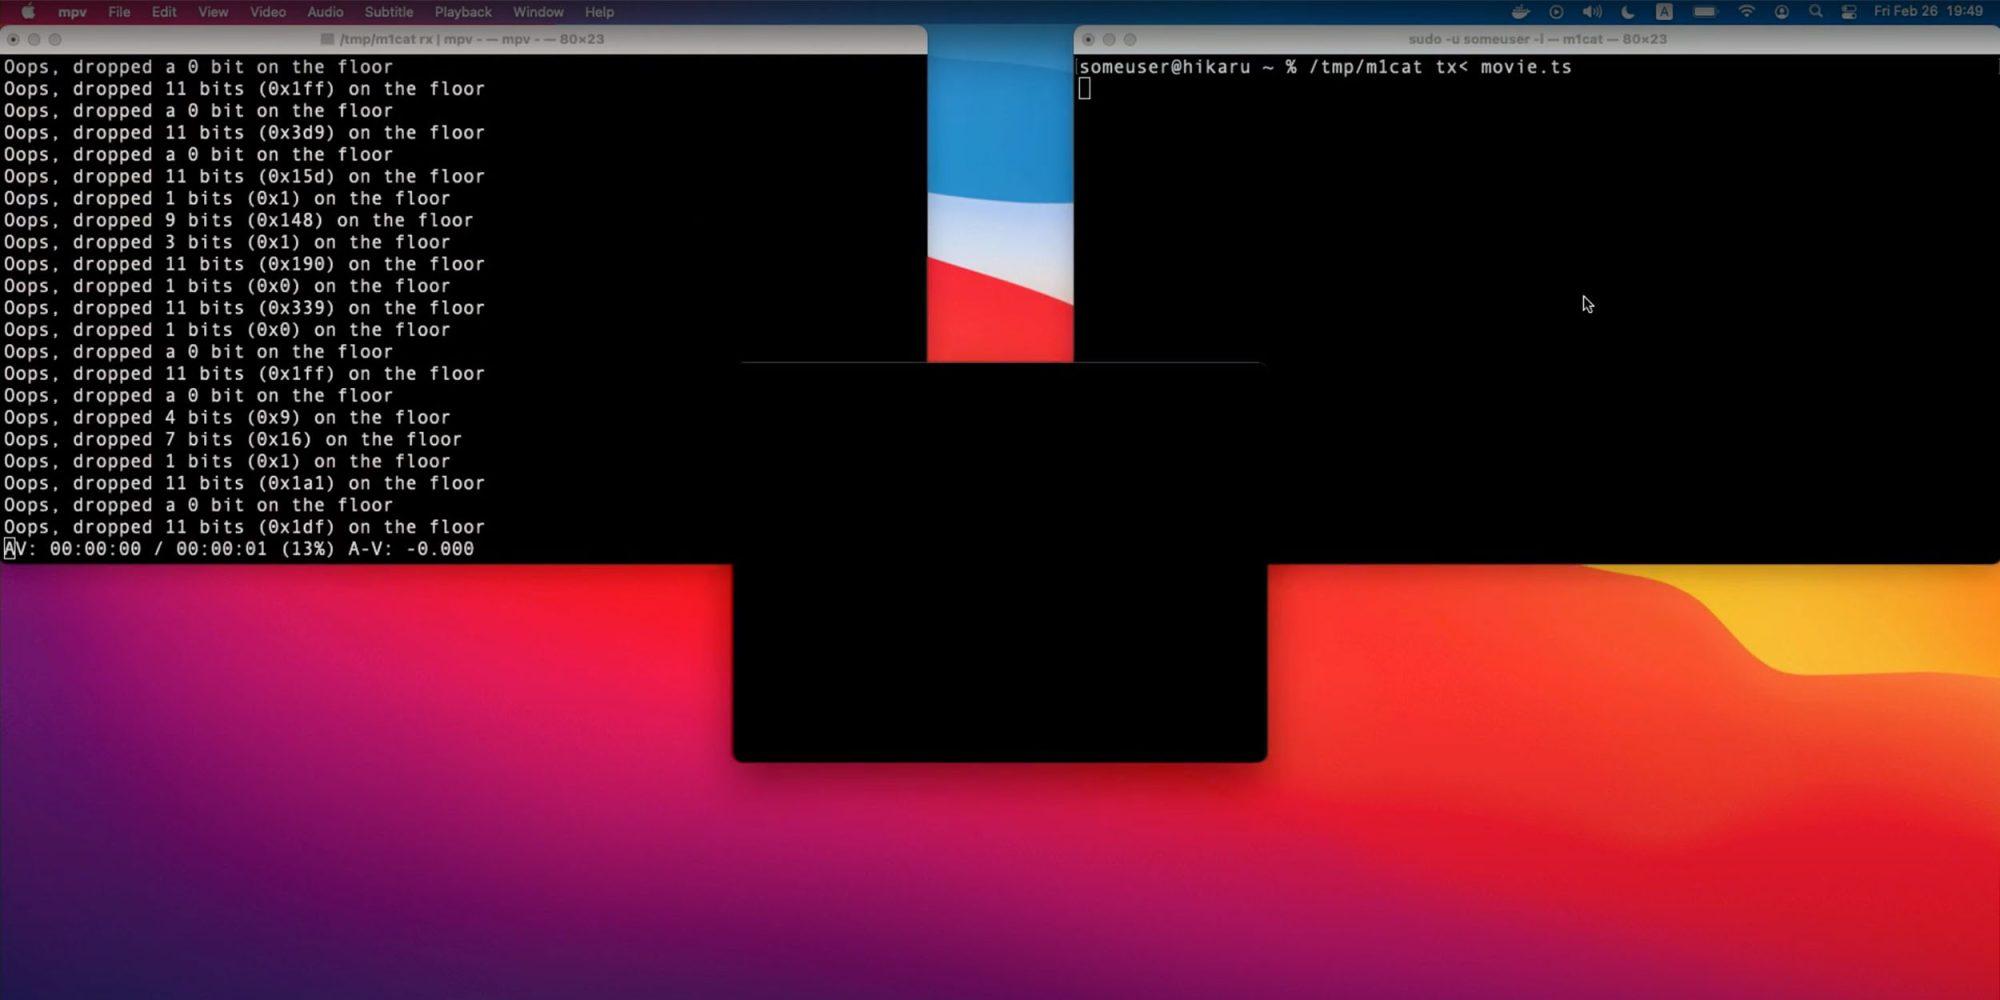 В процессоре Apple M1 обнаружена аппаратная уязвимость